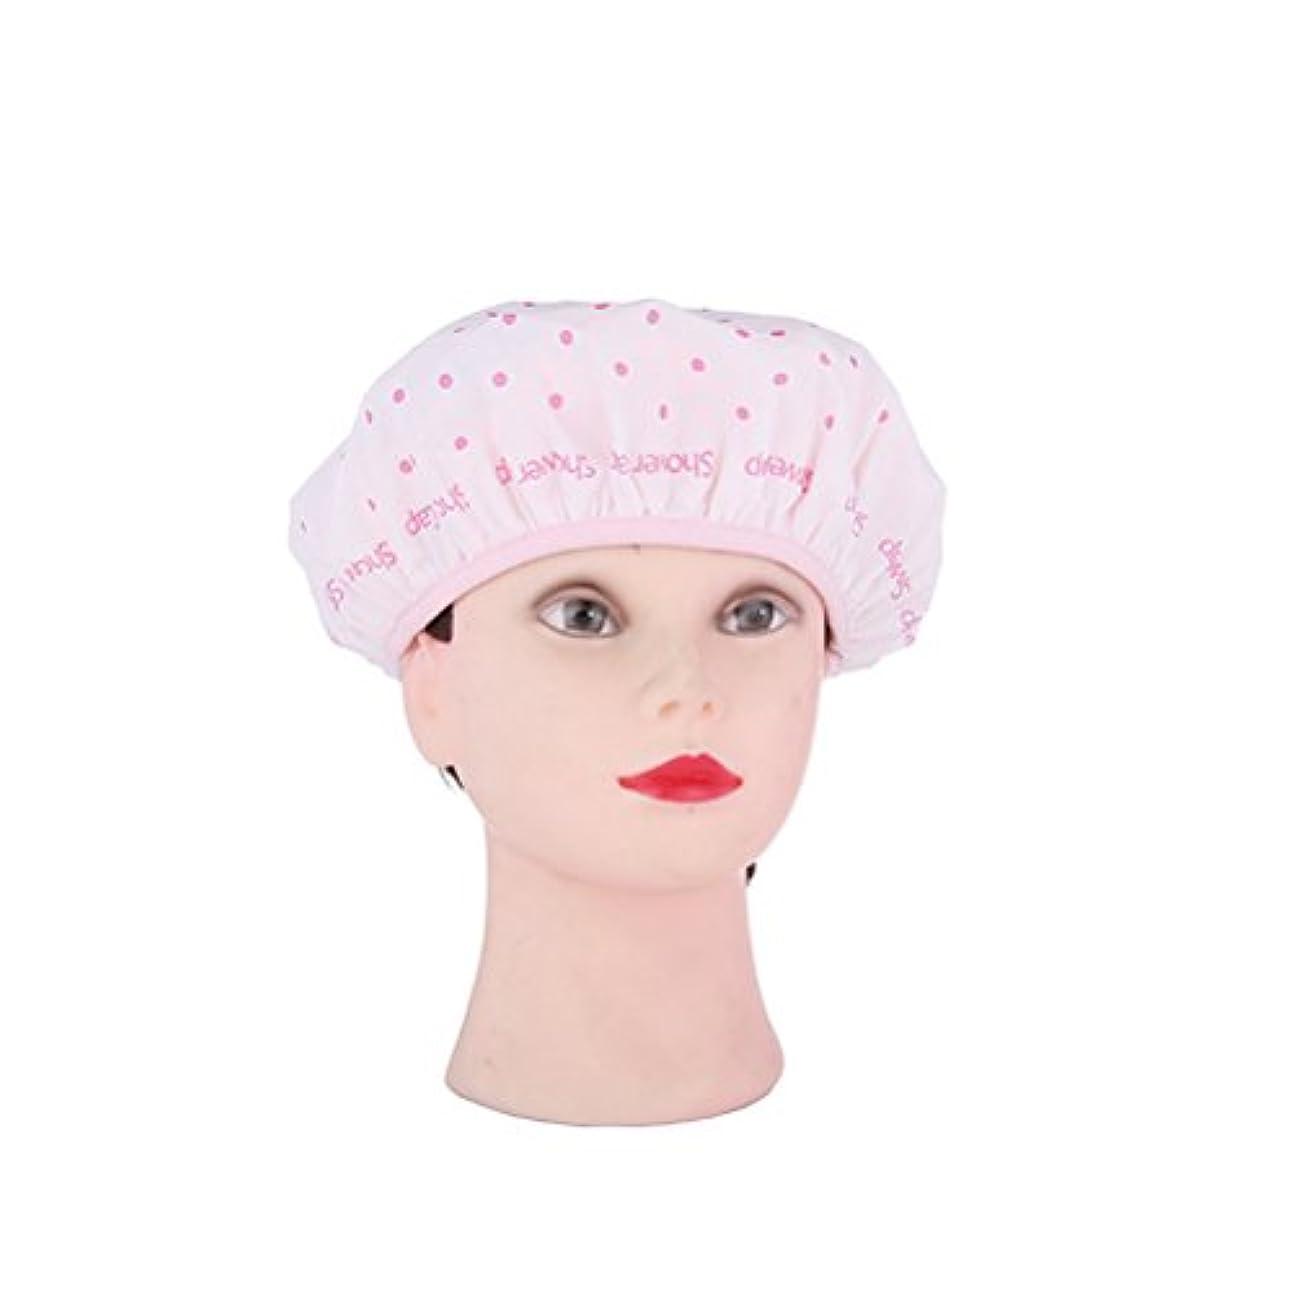 申し立てる月曜アラブ人ROSENICE シャワーキャップ防水性モールド抵抗性の洗えるシャワーキャップかわいいやわらかい髪の帽子(ピンク)